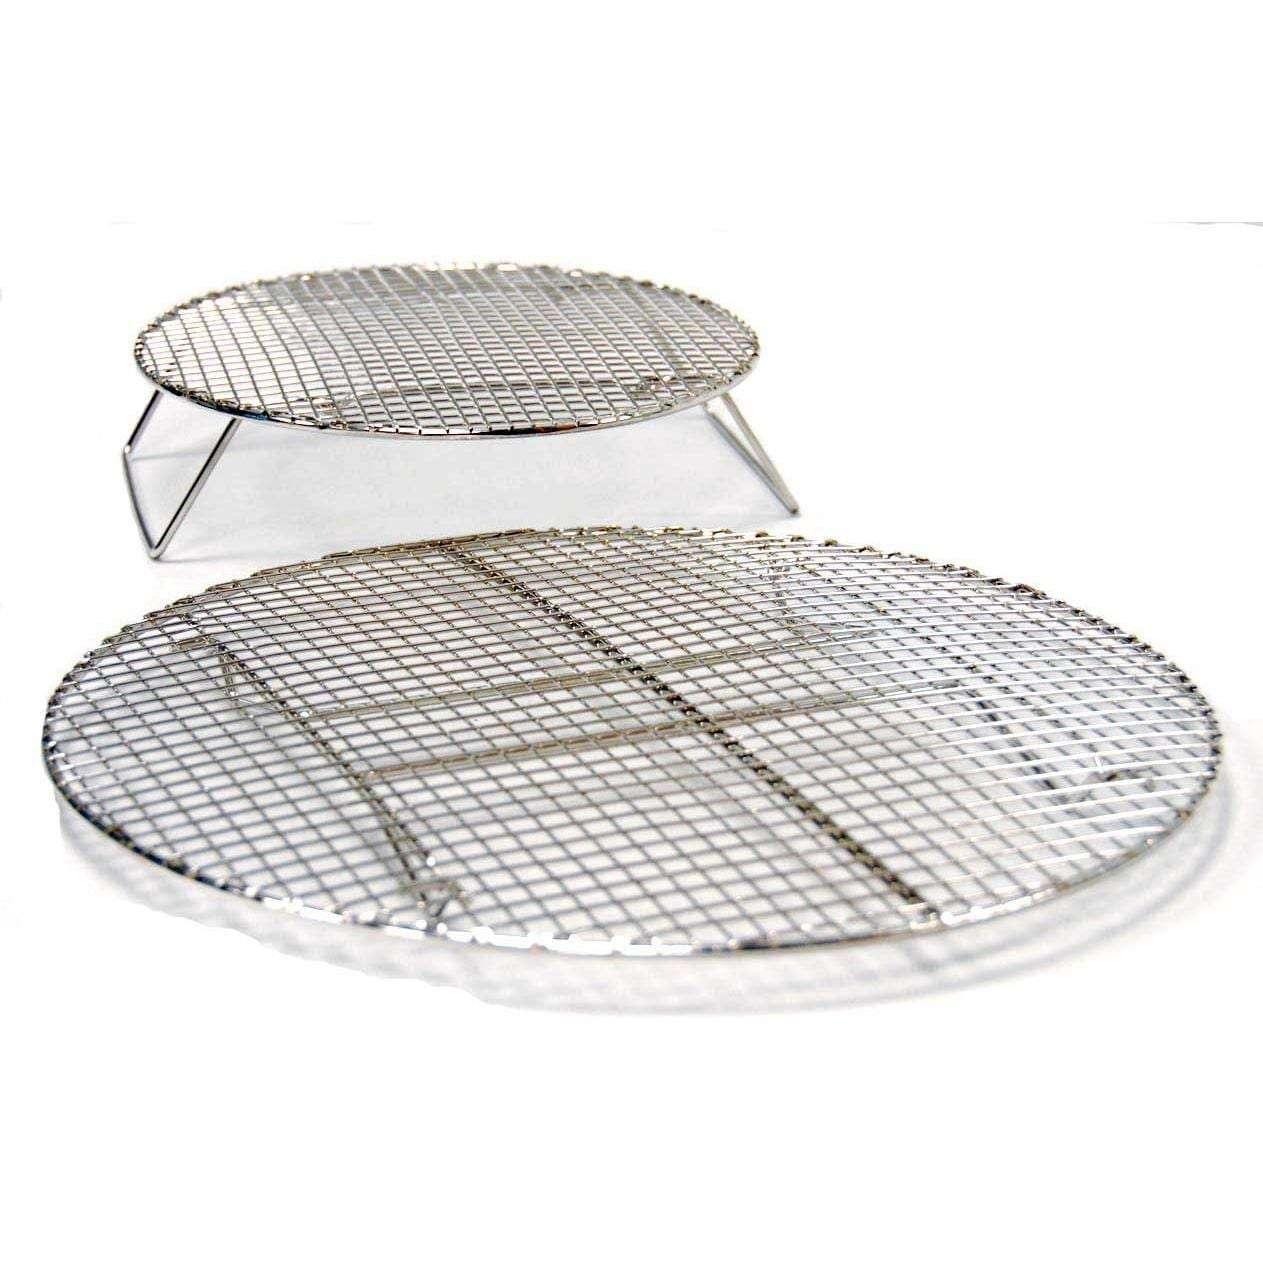 Evo Circular Stainless Roasting & Baking Racks